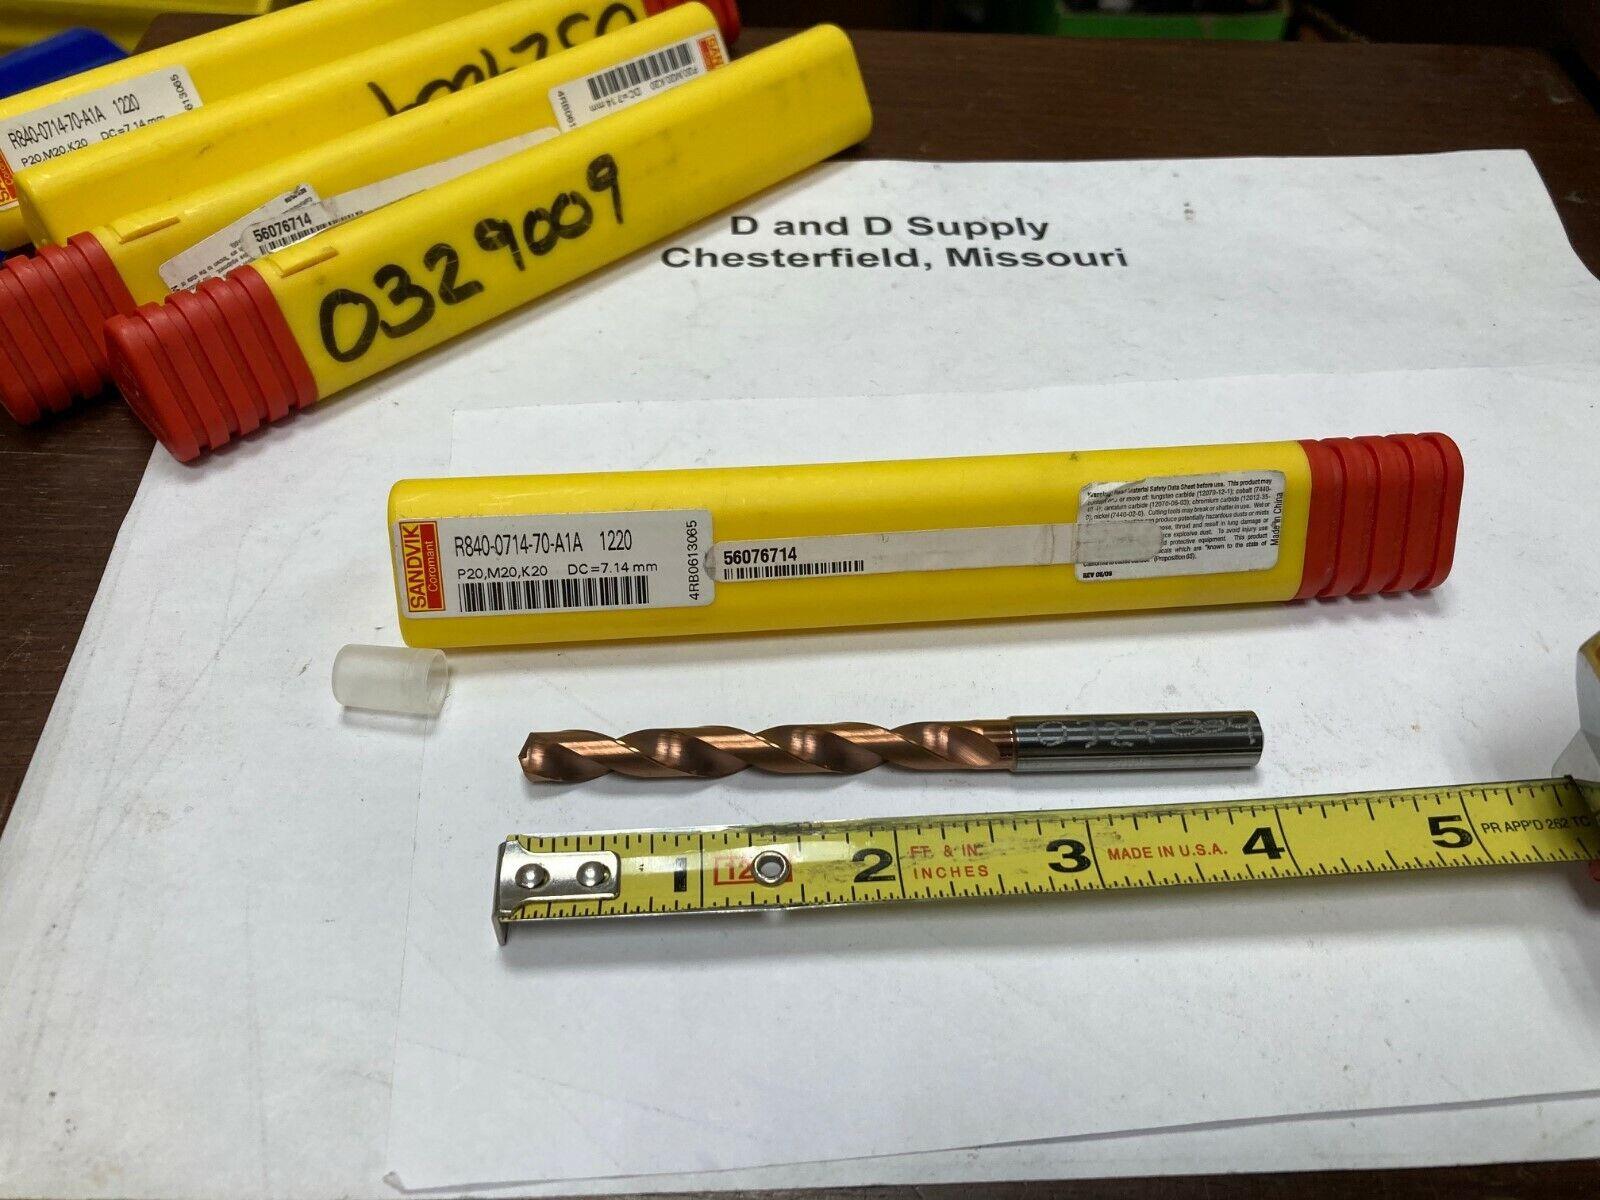 Sandvik 11mm Solid Carbide Drill Coolant Through CoroDrill R840-1100-70-A1A 1220